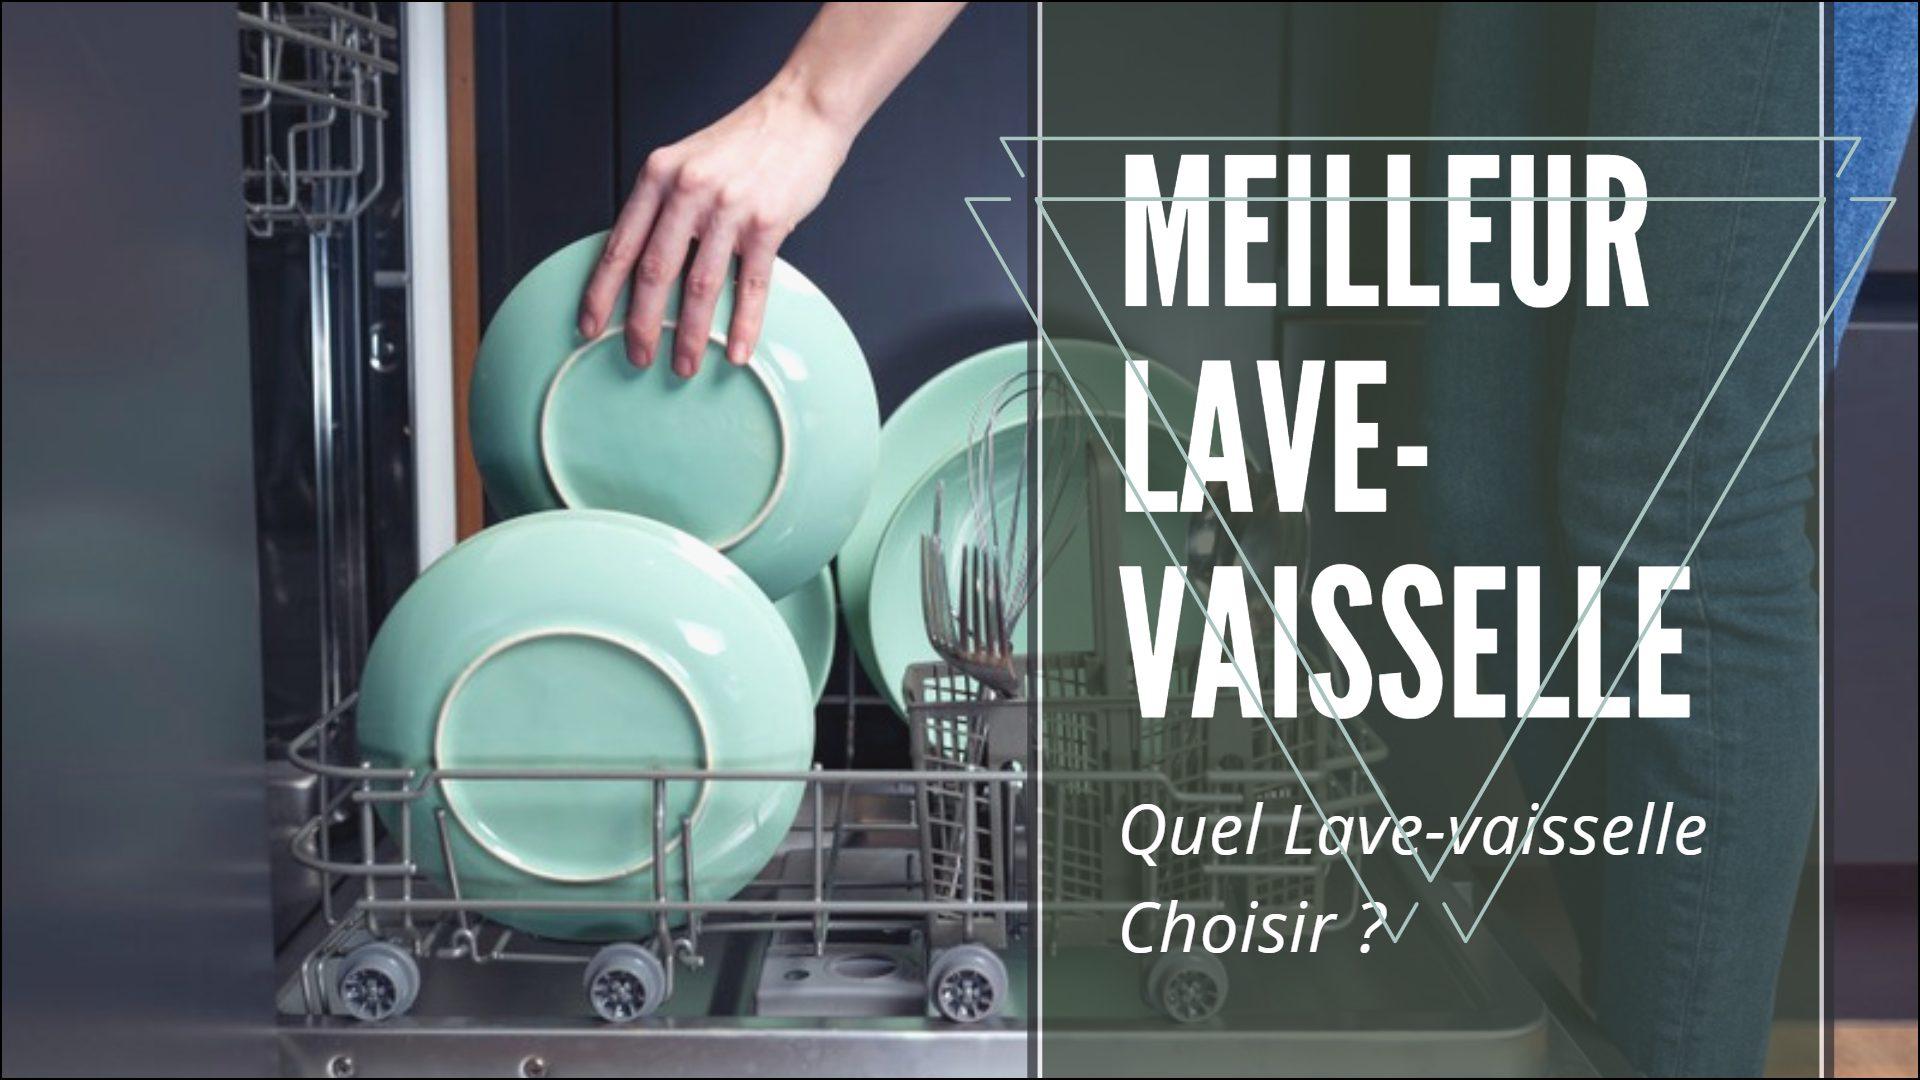 Meilleur Lave-vaisselle